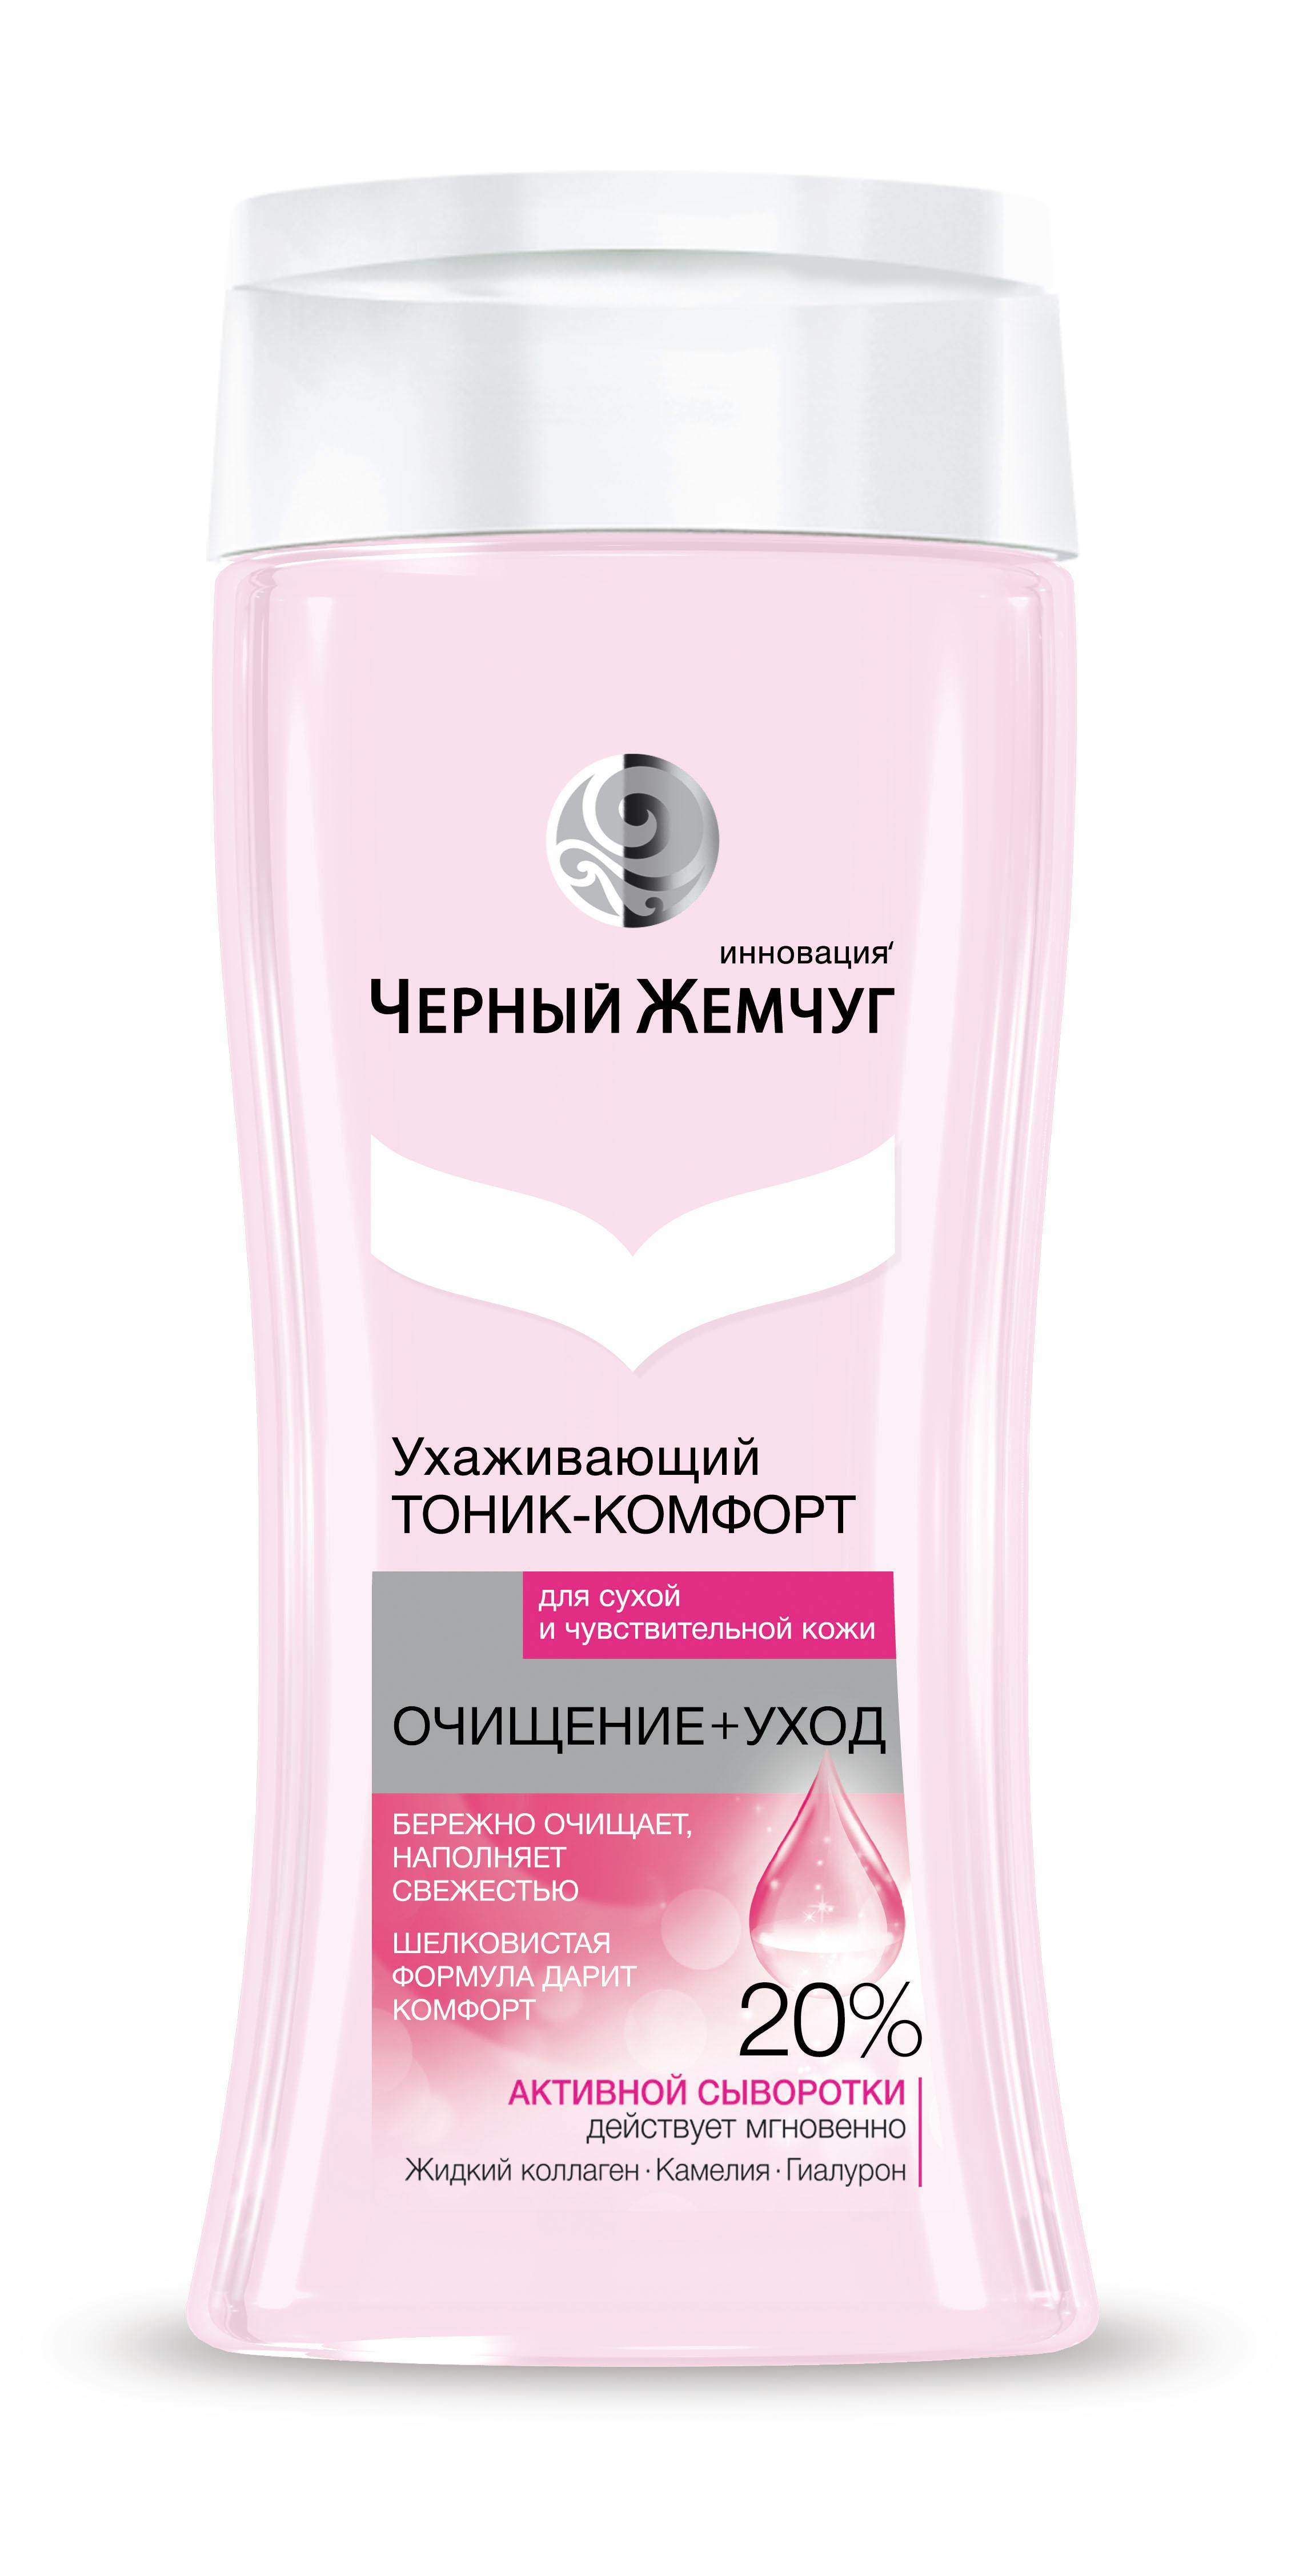 Черный жемчуг Тоник для сухой и чувствительной кожи Очищение и уход, 200 млFS-00897Увлажняющий тоник для лица для сухой и чувствительной кожи Черный жемчуг дарит Вашей коже мгновенное увлажнение и наполняет кожу энергией. Ваш результат – ощущение комфорта и тонус кожи на весь день. BIO-экстракт белого лотоса ProBIO-Комплекс Витамин Е Ретинол (активная форма витамина А)